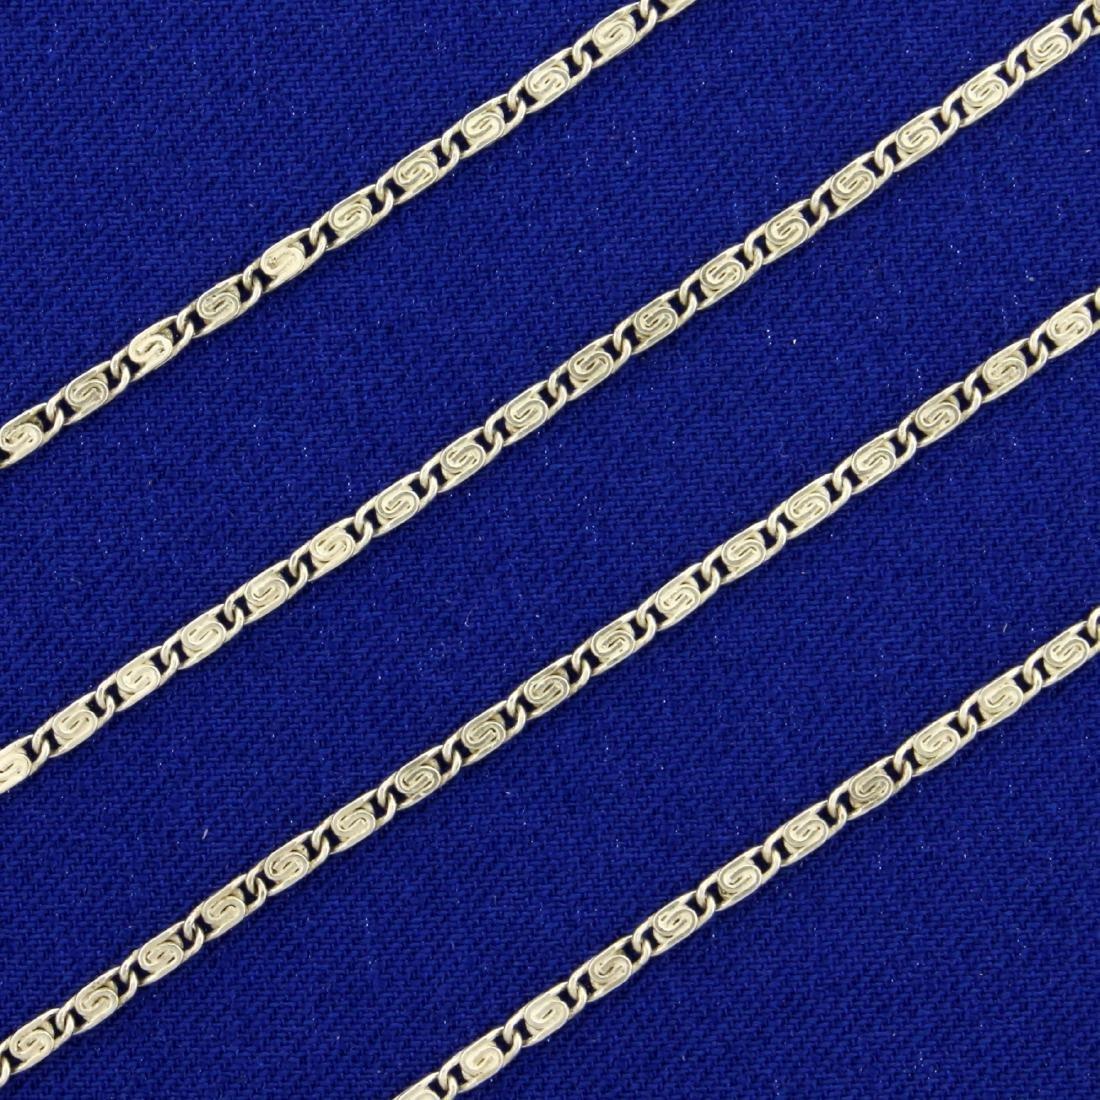 25 1/2 Inch Link Designer Link Neck Chain in Sterling - 2